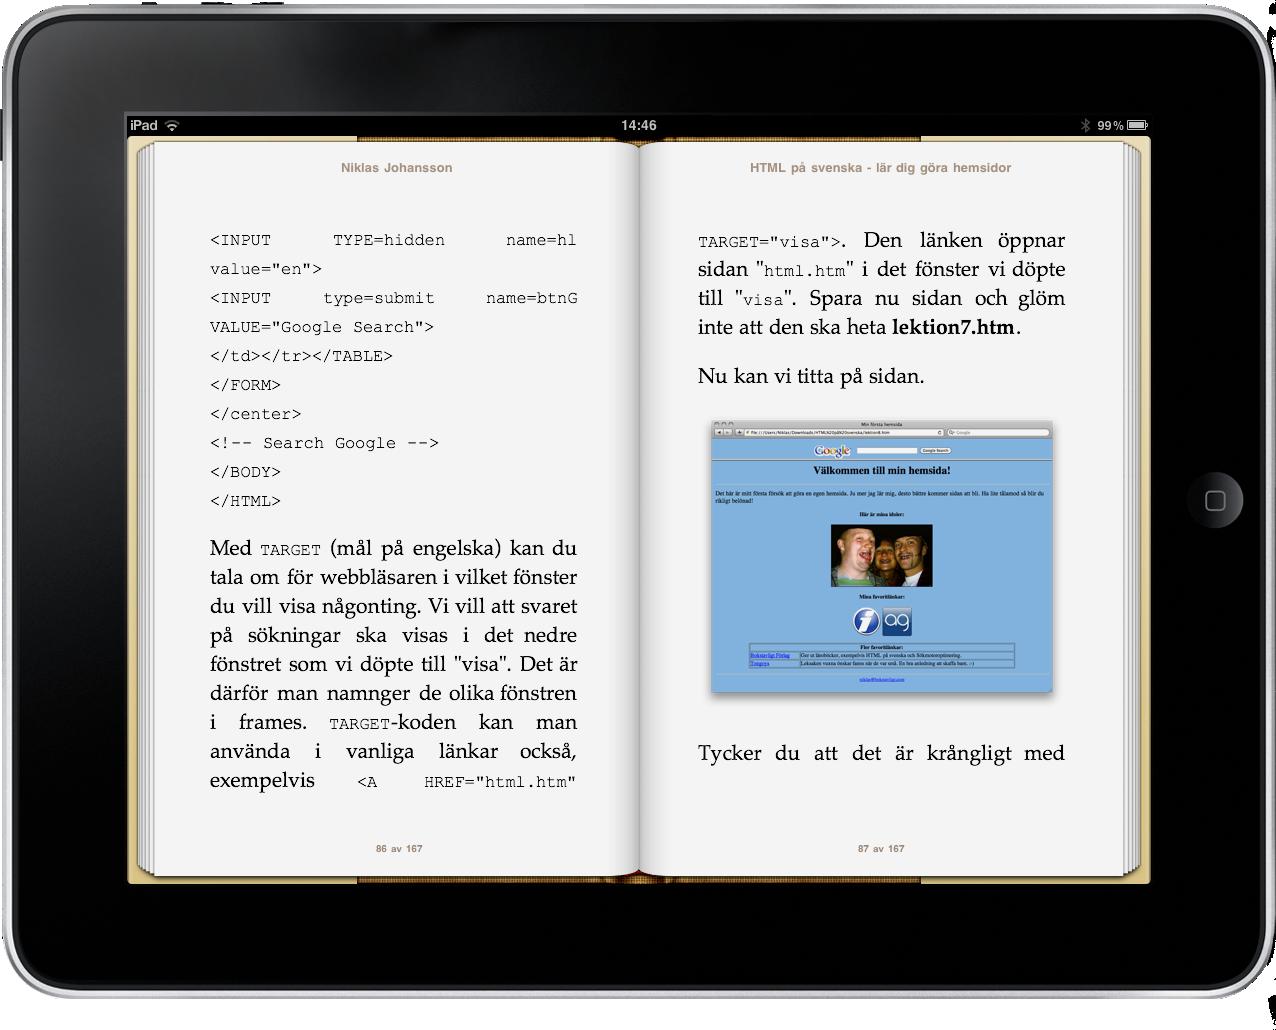 Bokstavligts böcker finns som e-böcker